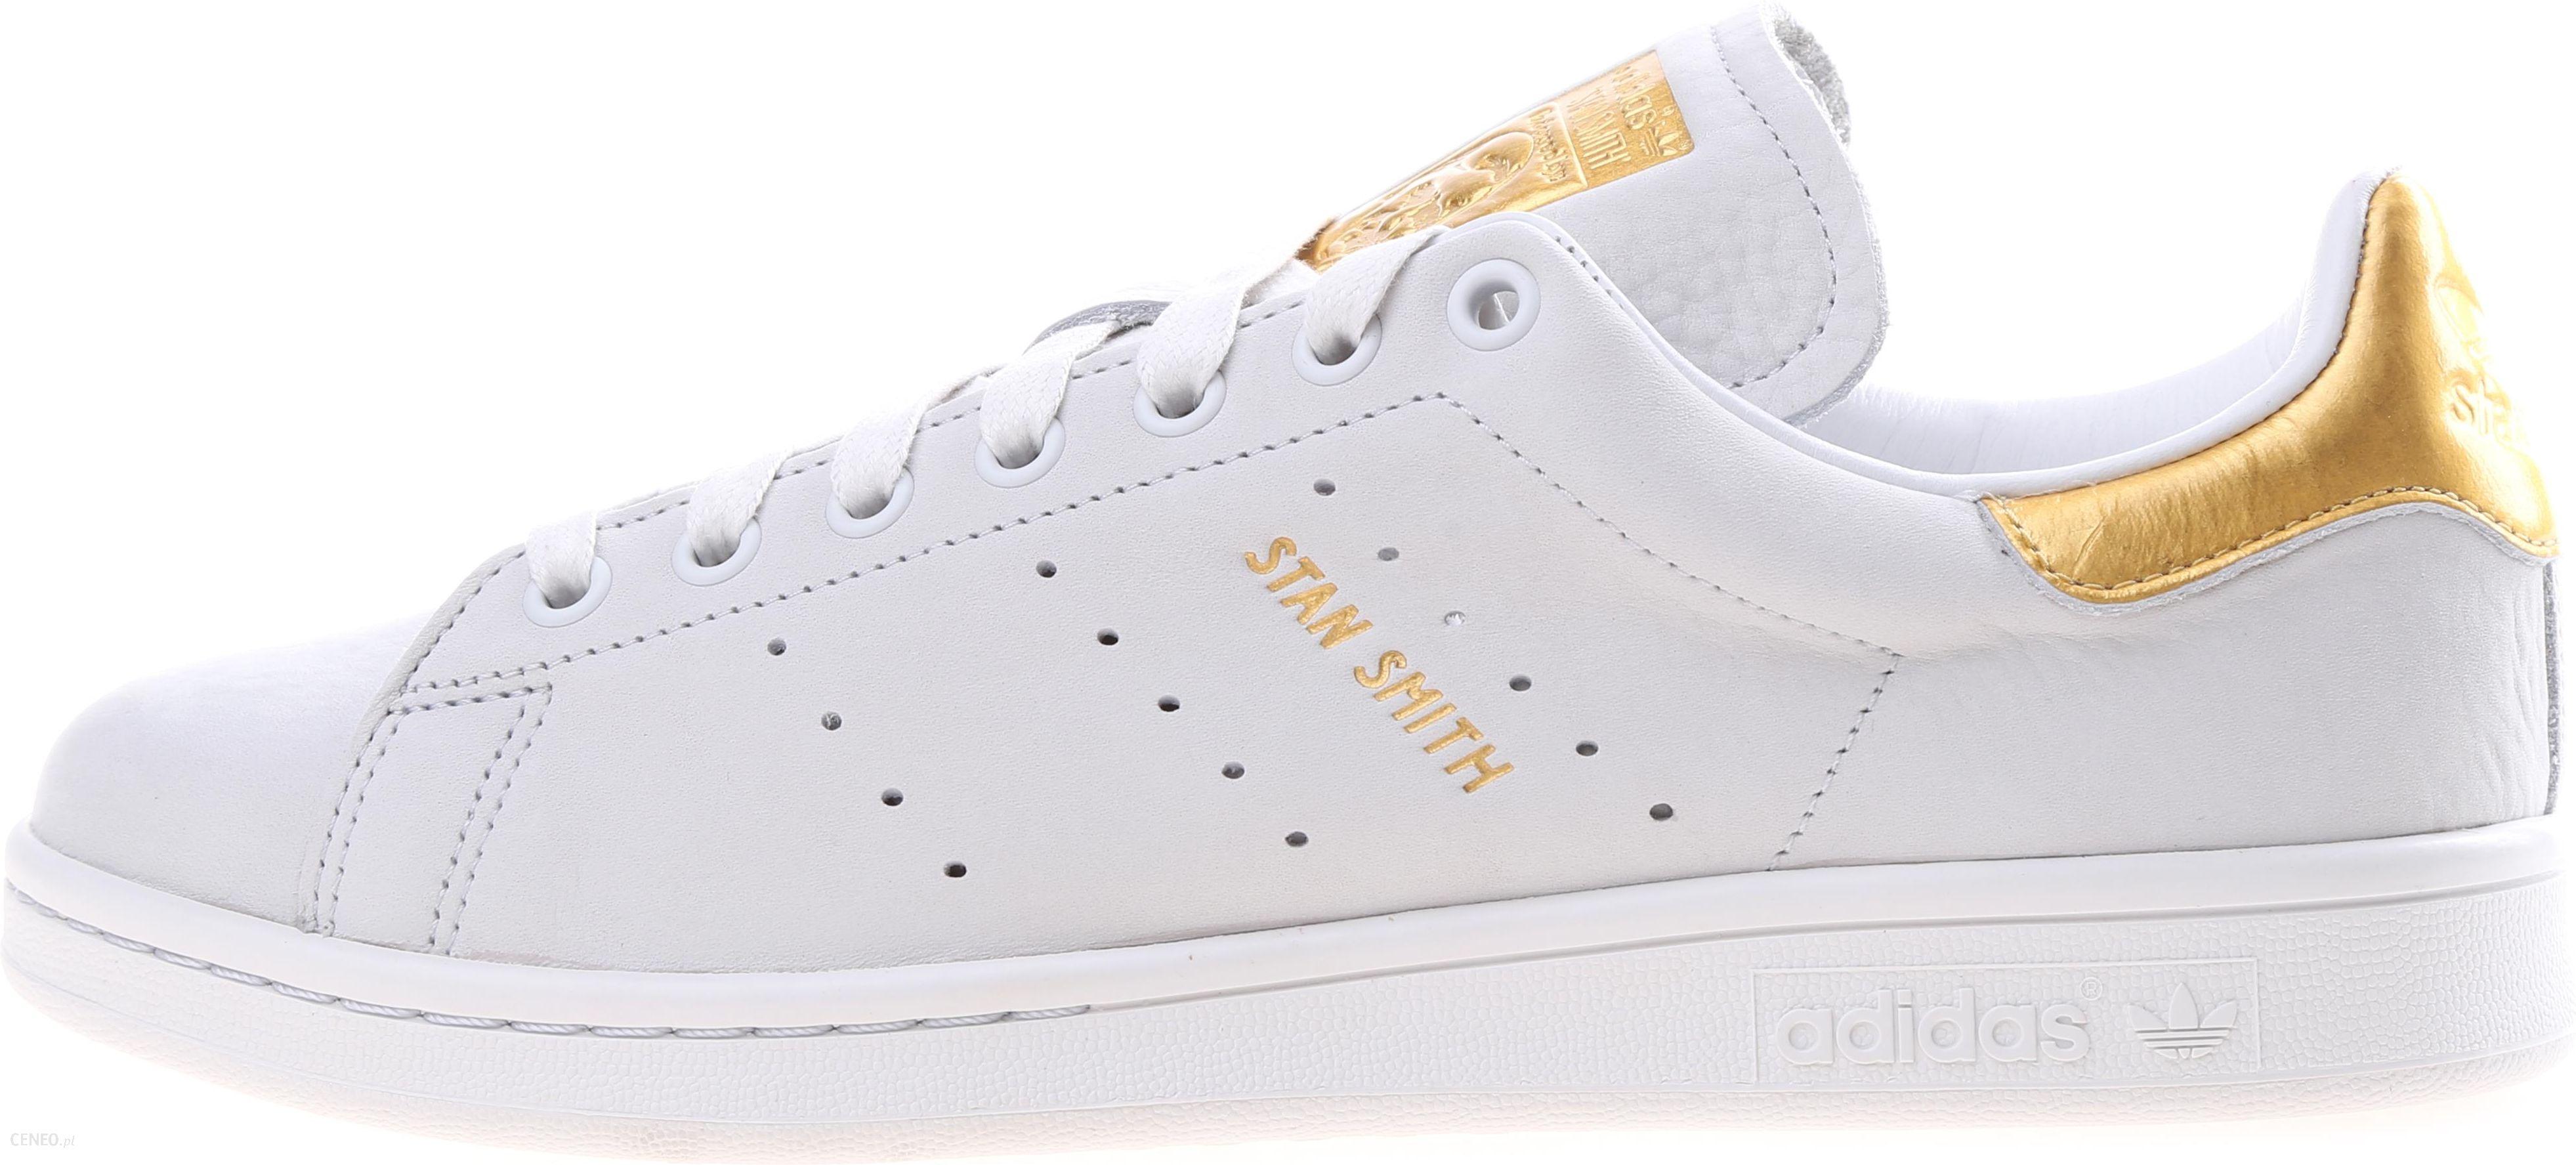 Adidas Stan Smith BUTY SPORTOWE męskie 43 13